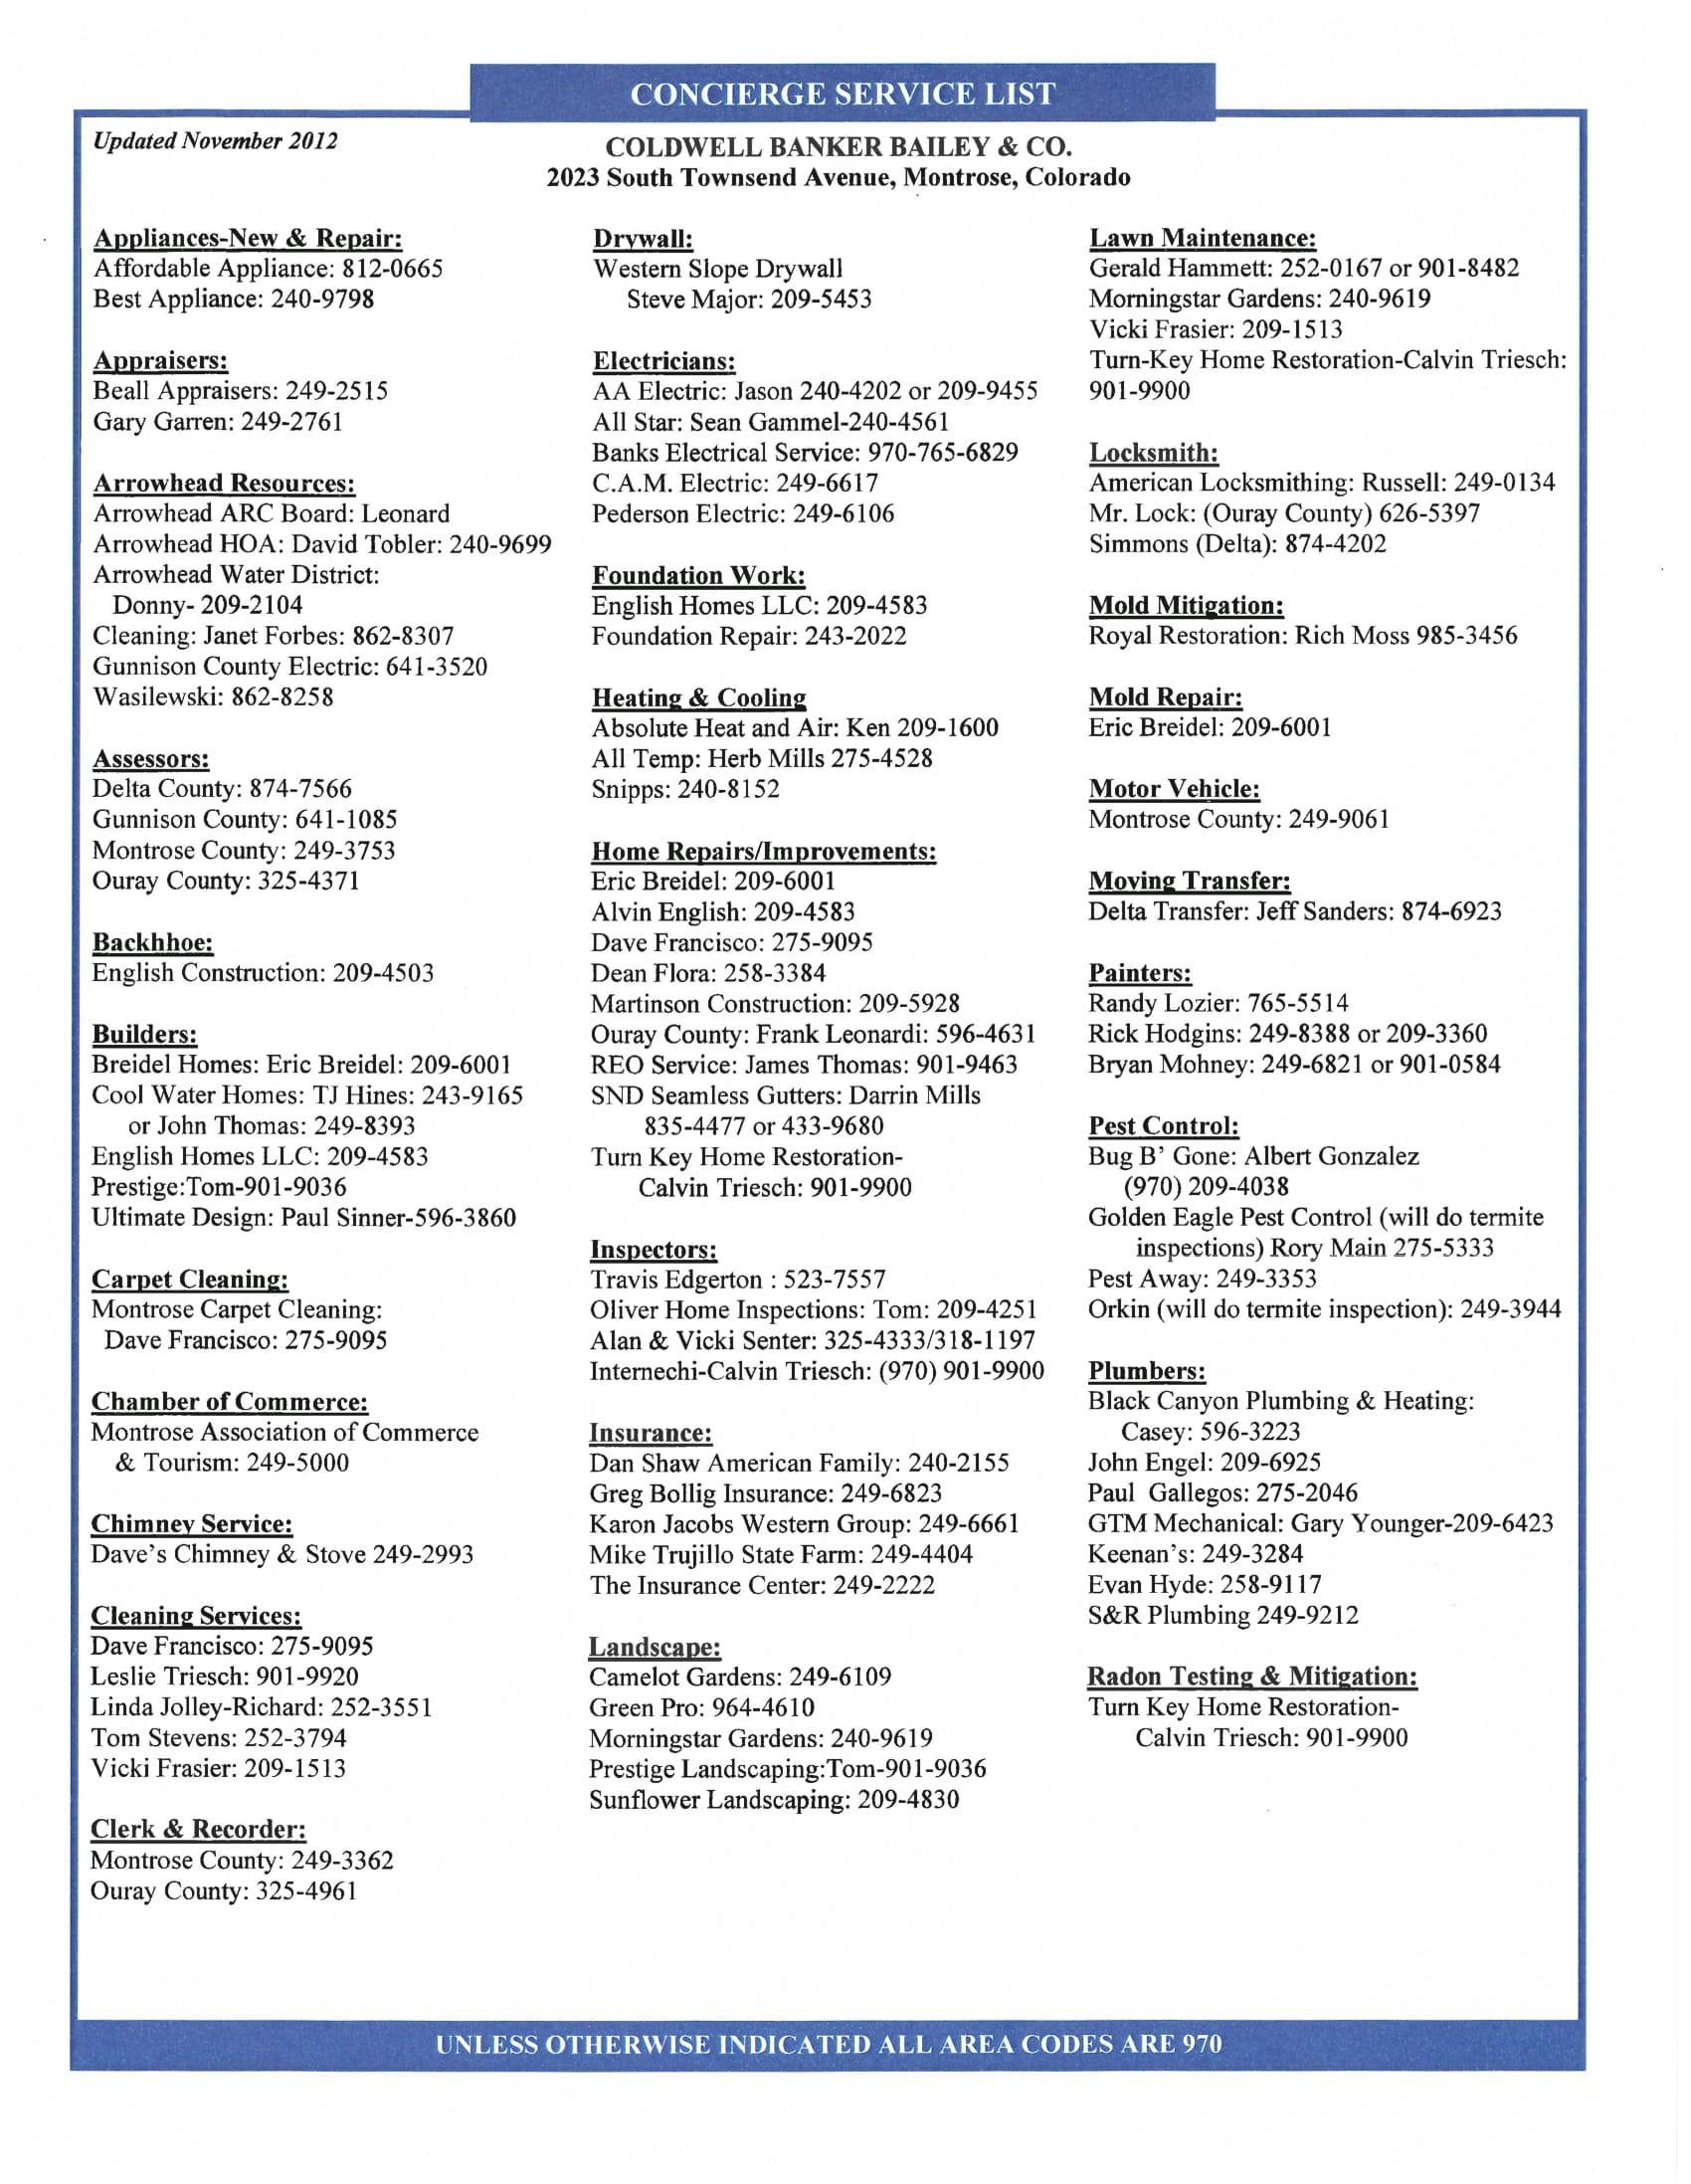 Concierge Service List